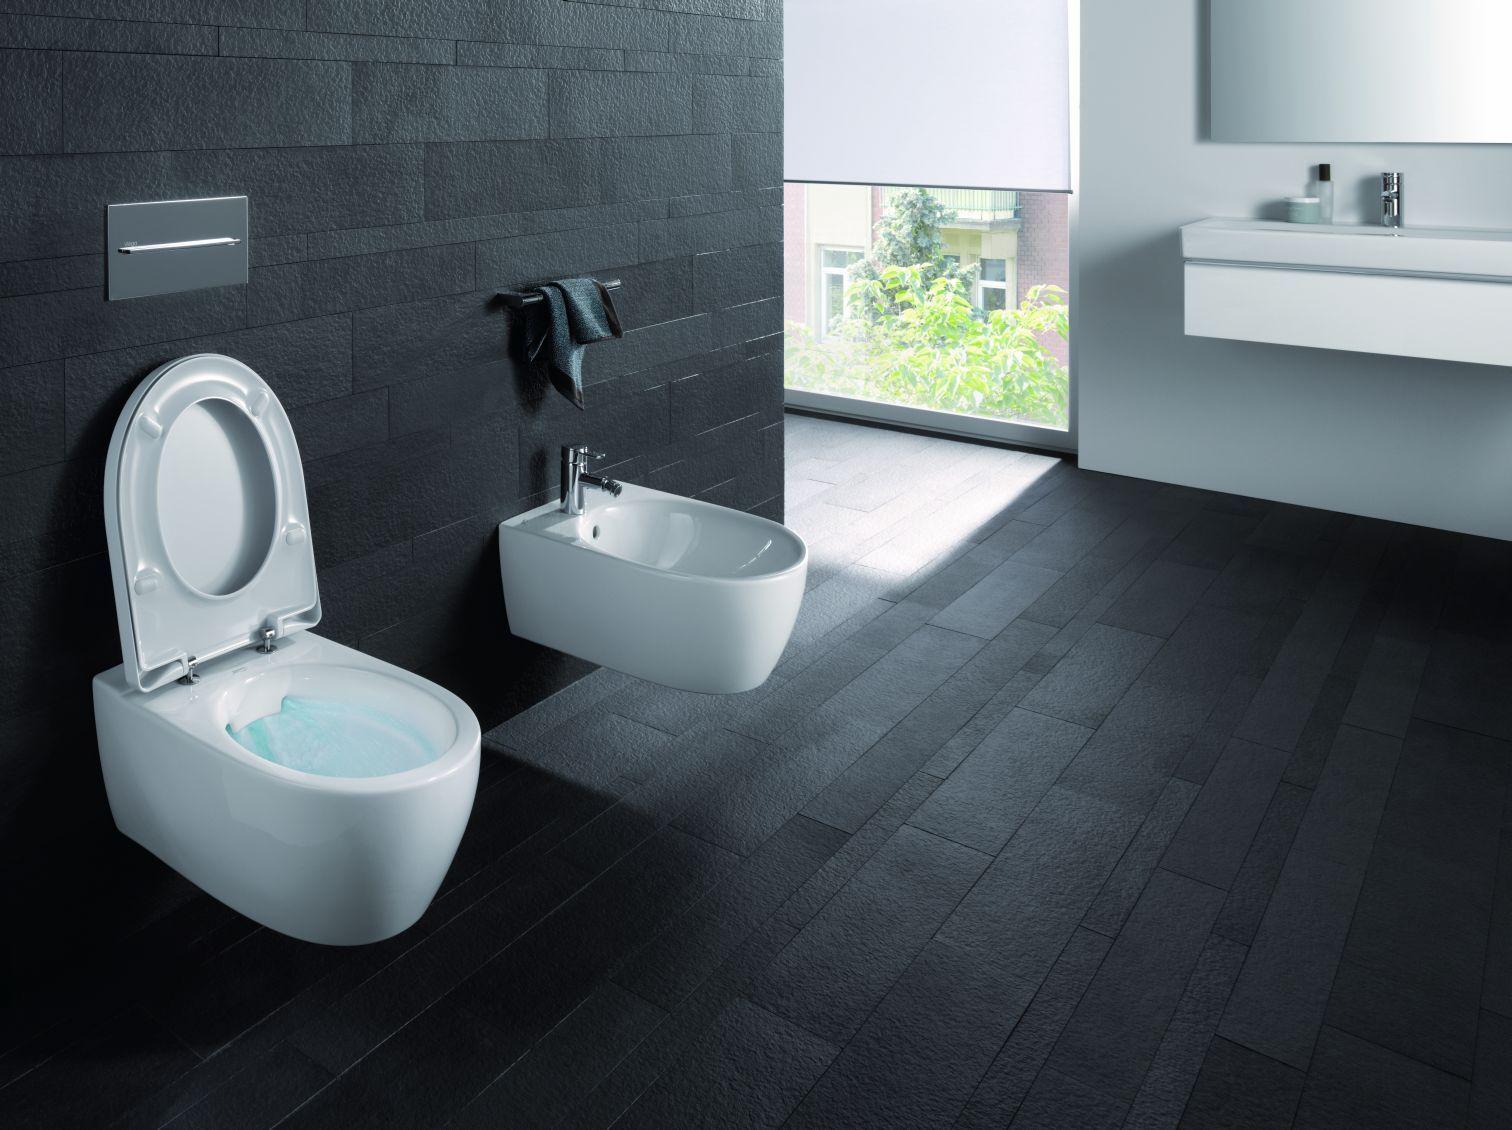 Toilet Zonder Spoelrand : Toilet zonder spoelrand voordemakers